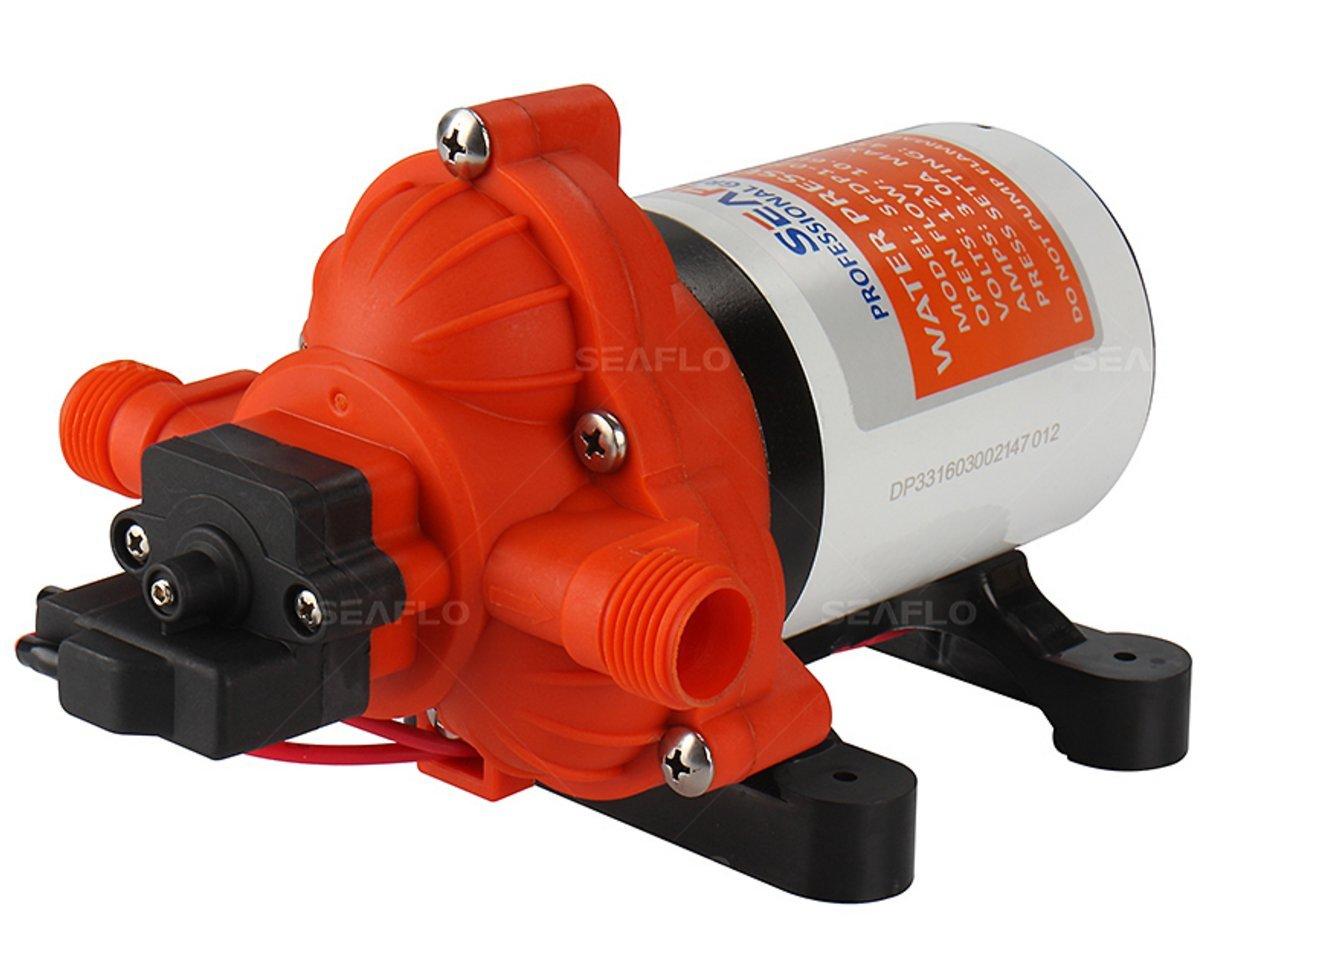 SEAFLO DC Diaphragm Pump - 12v, 3.5 GPM, 45PSI w/ Automatic Switch